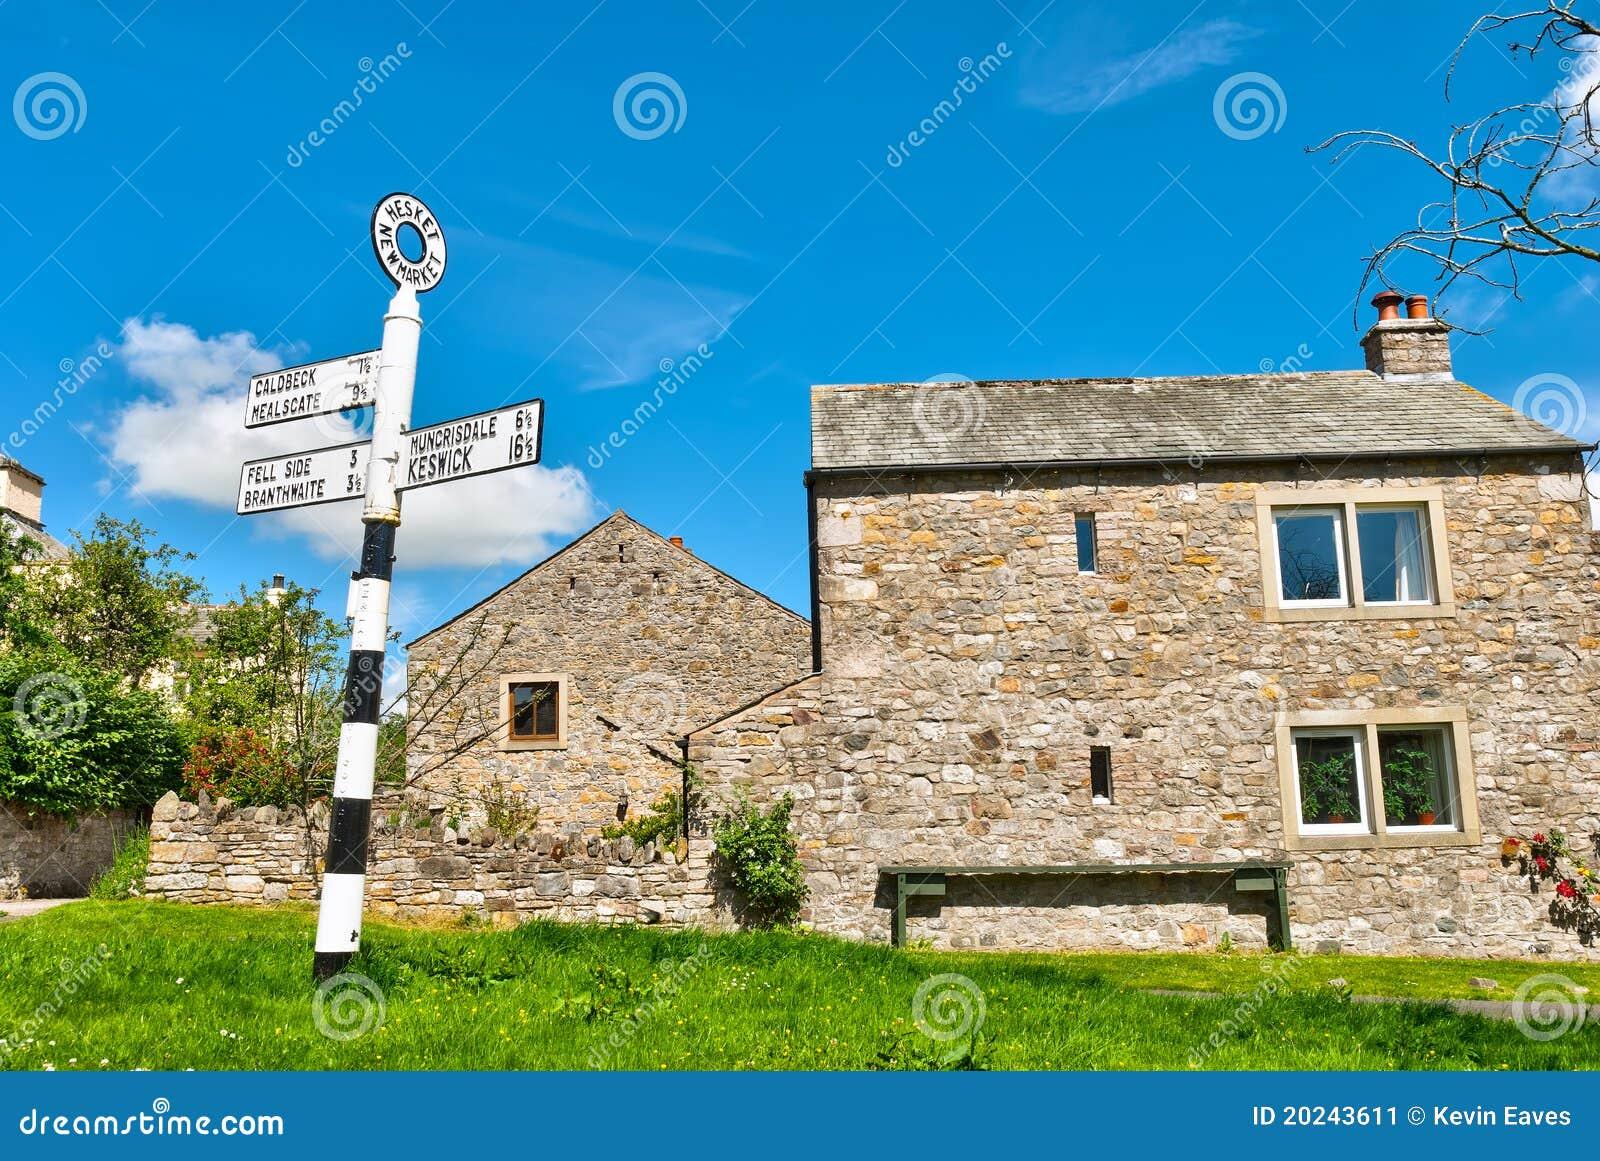 Village sign, Hesket Newmarket